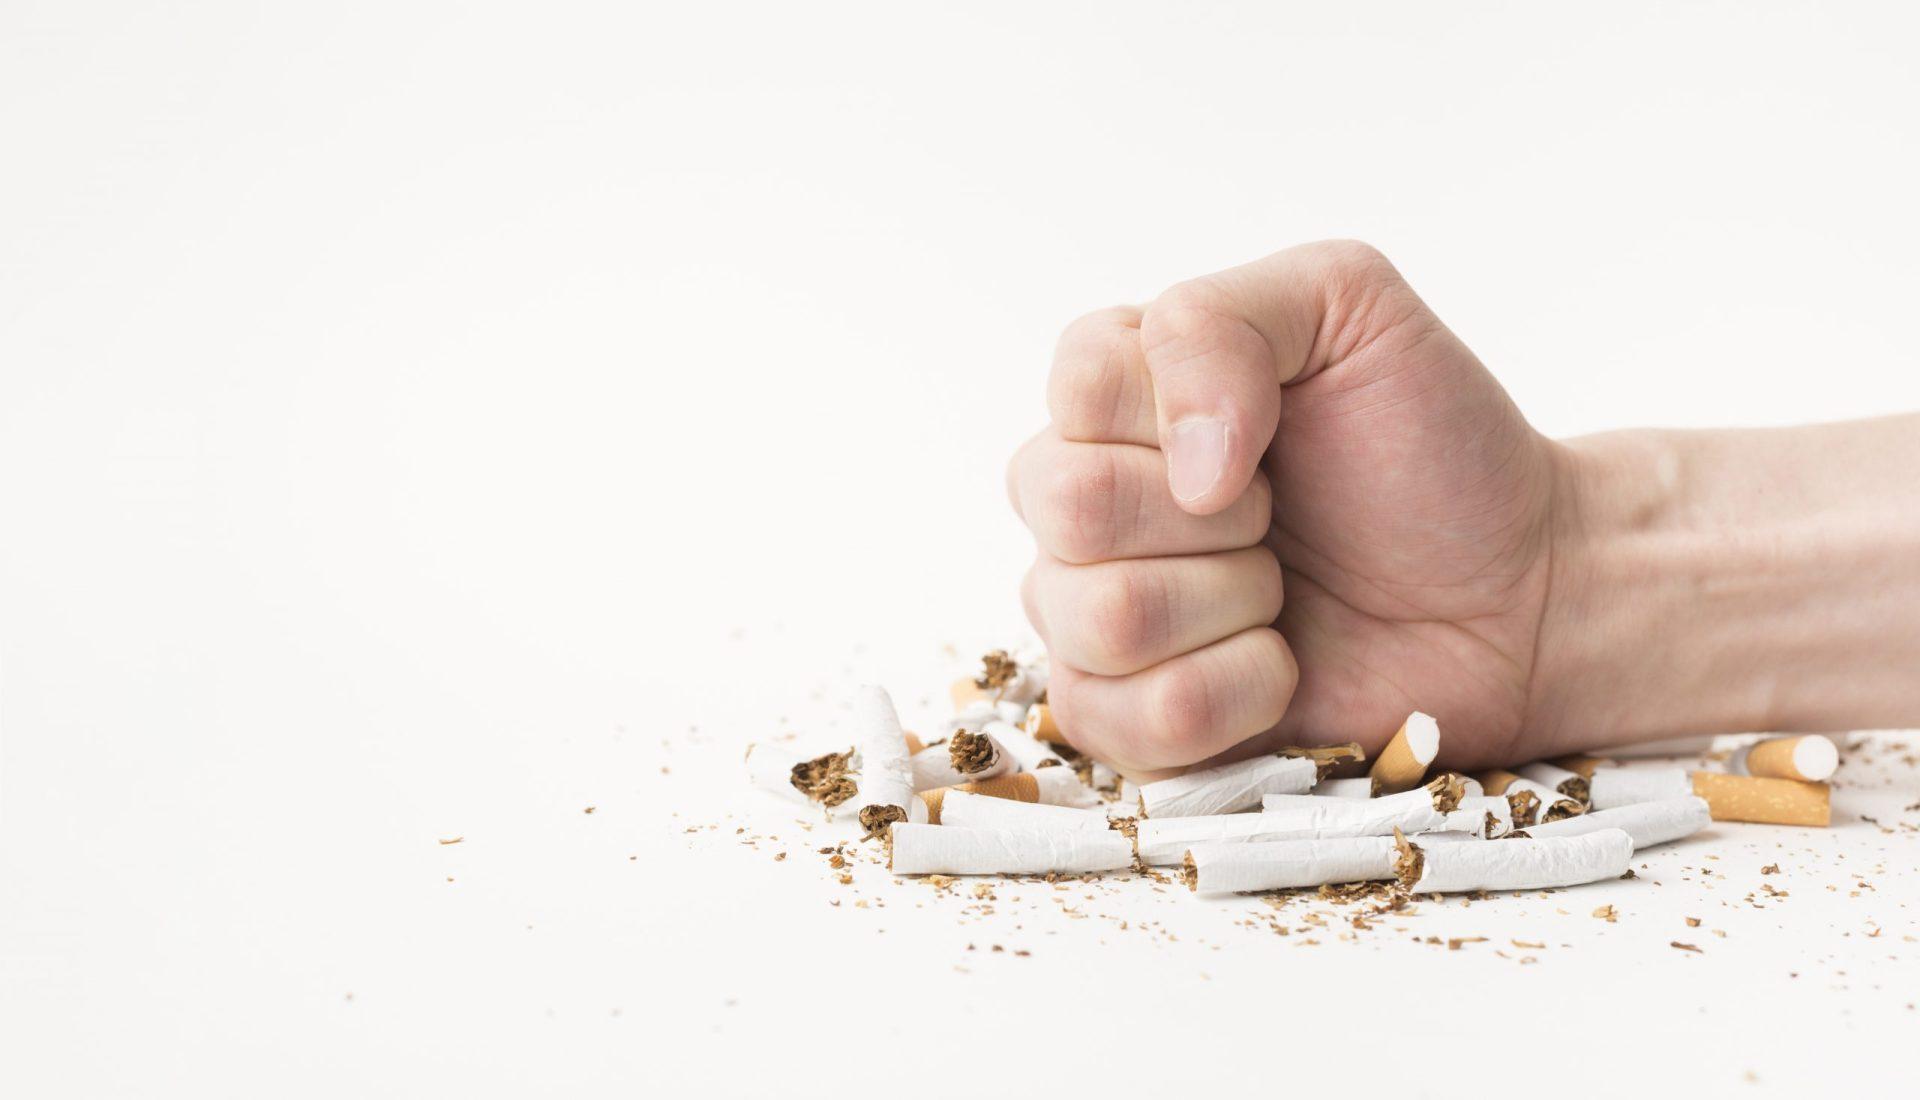 Fumatul dăunează grav mărimii penisului şi satisfacţiei sexuale